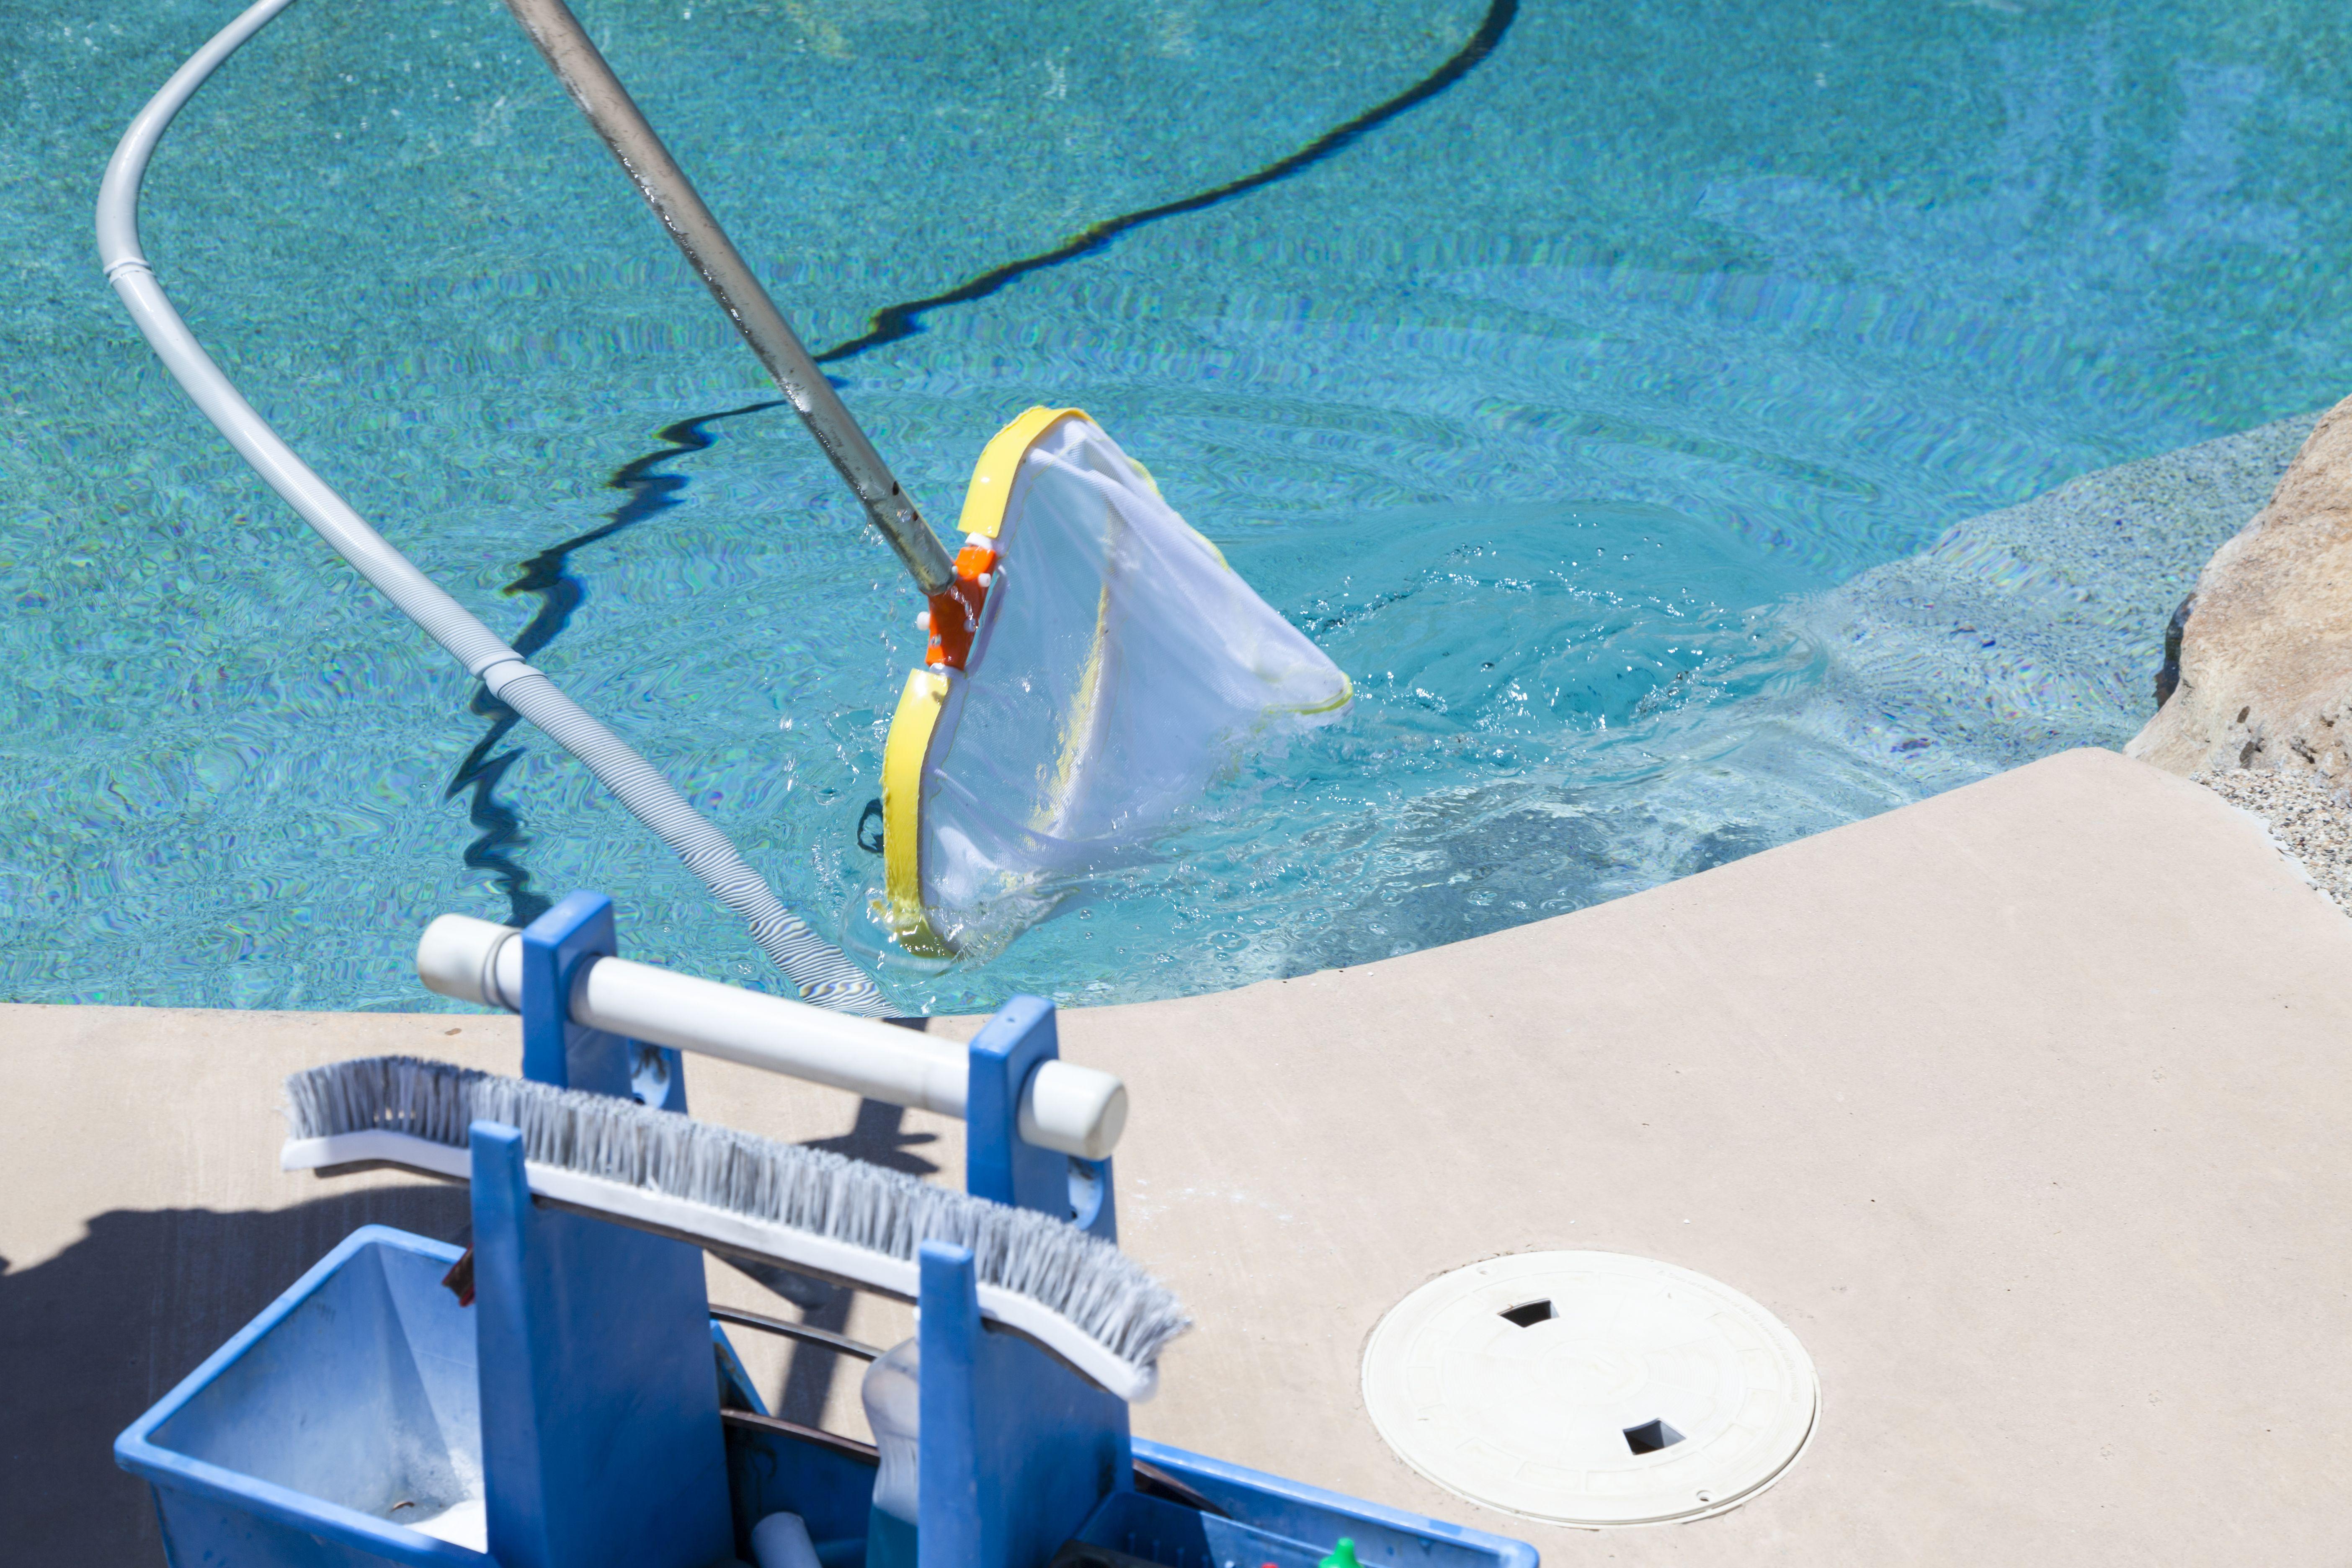 Mmantenimiento de piscinas Santa Cruz de Tenerife